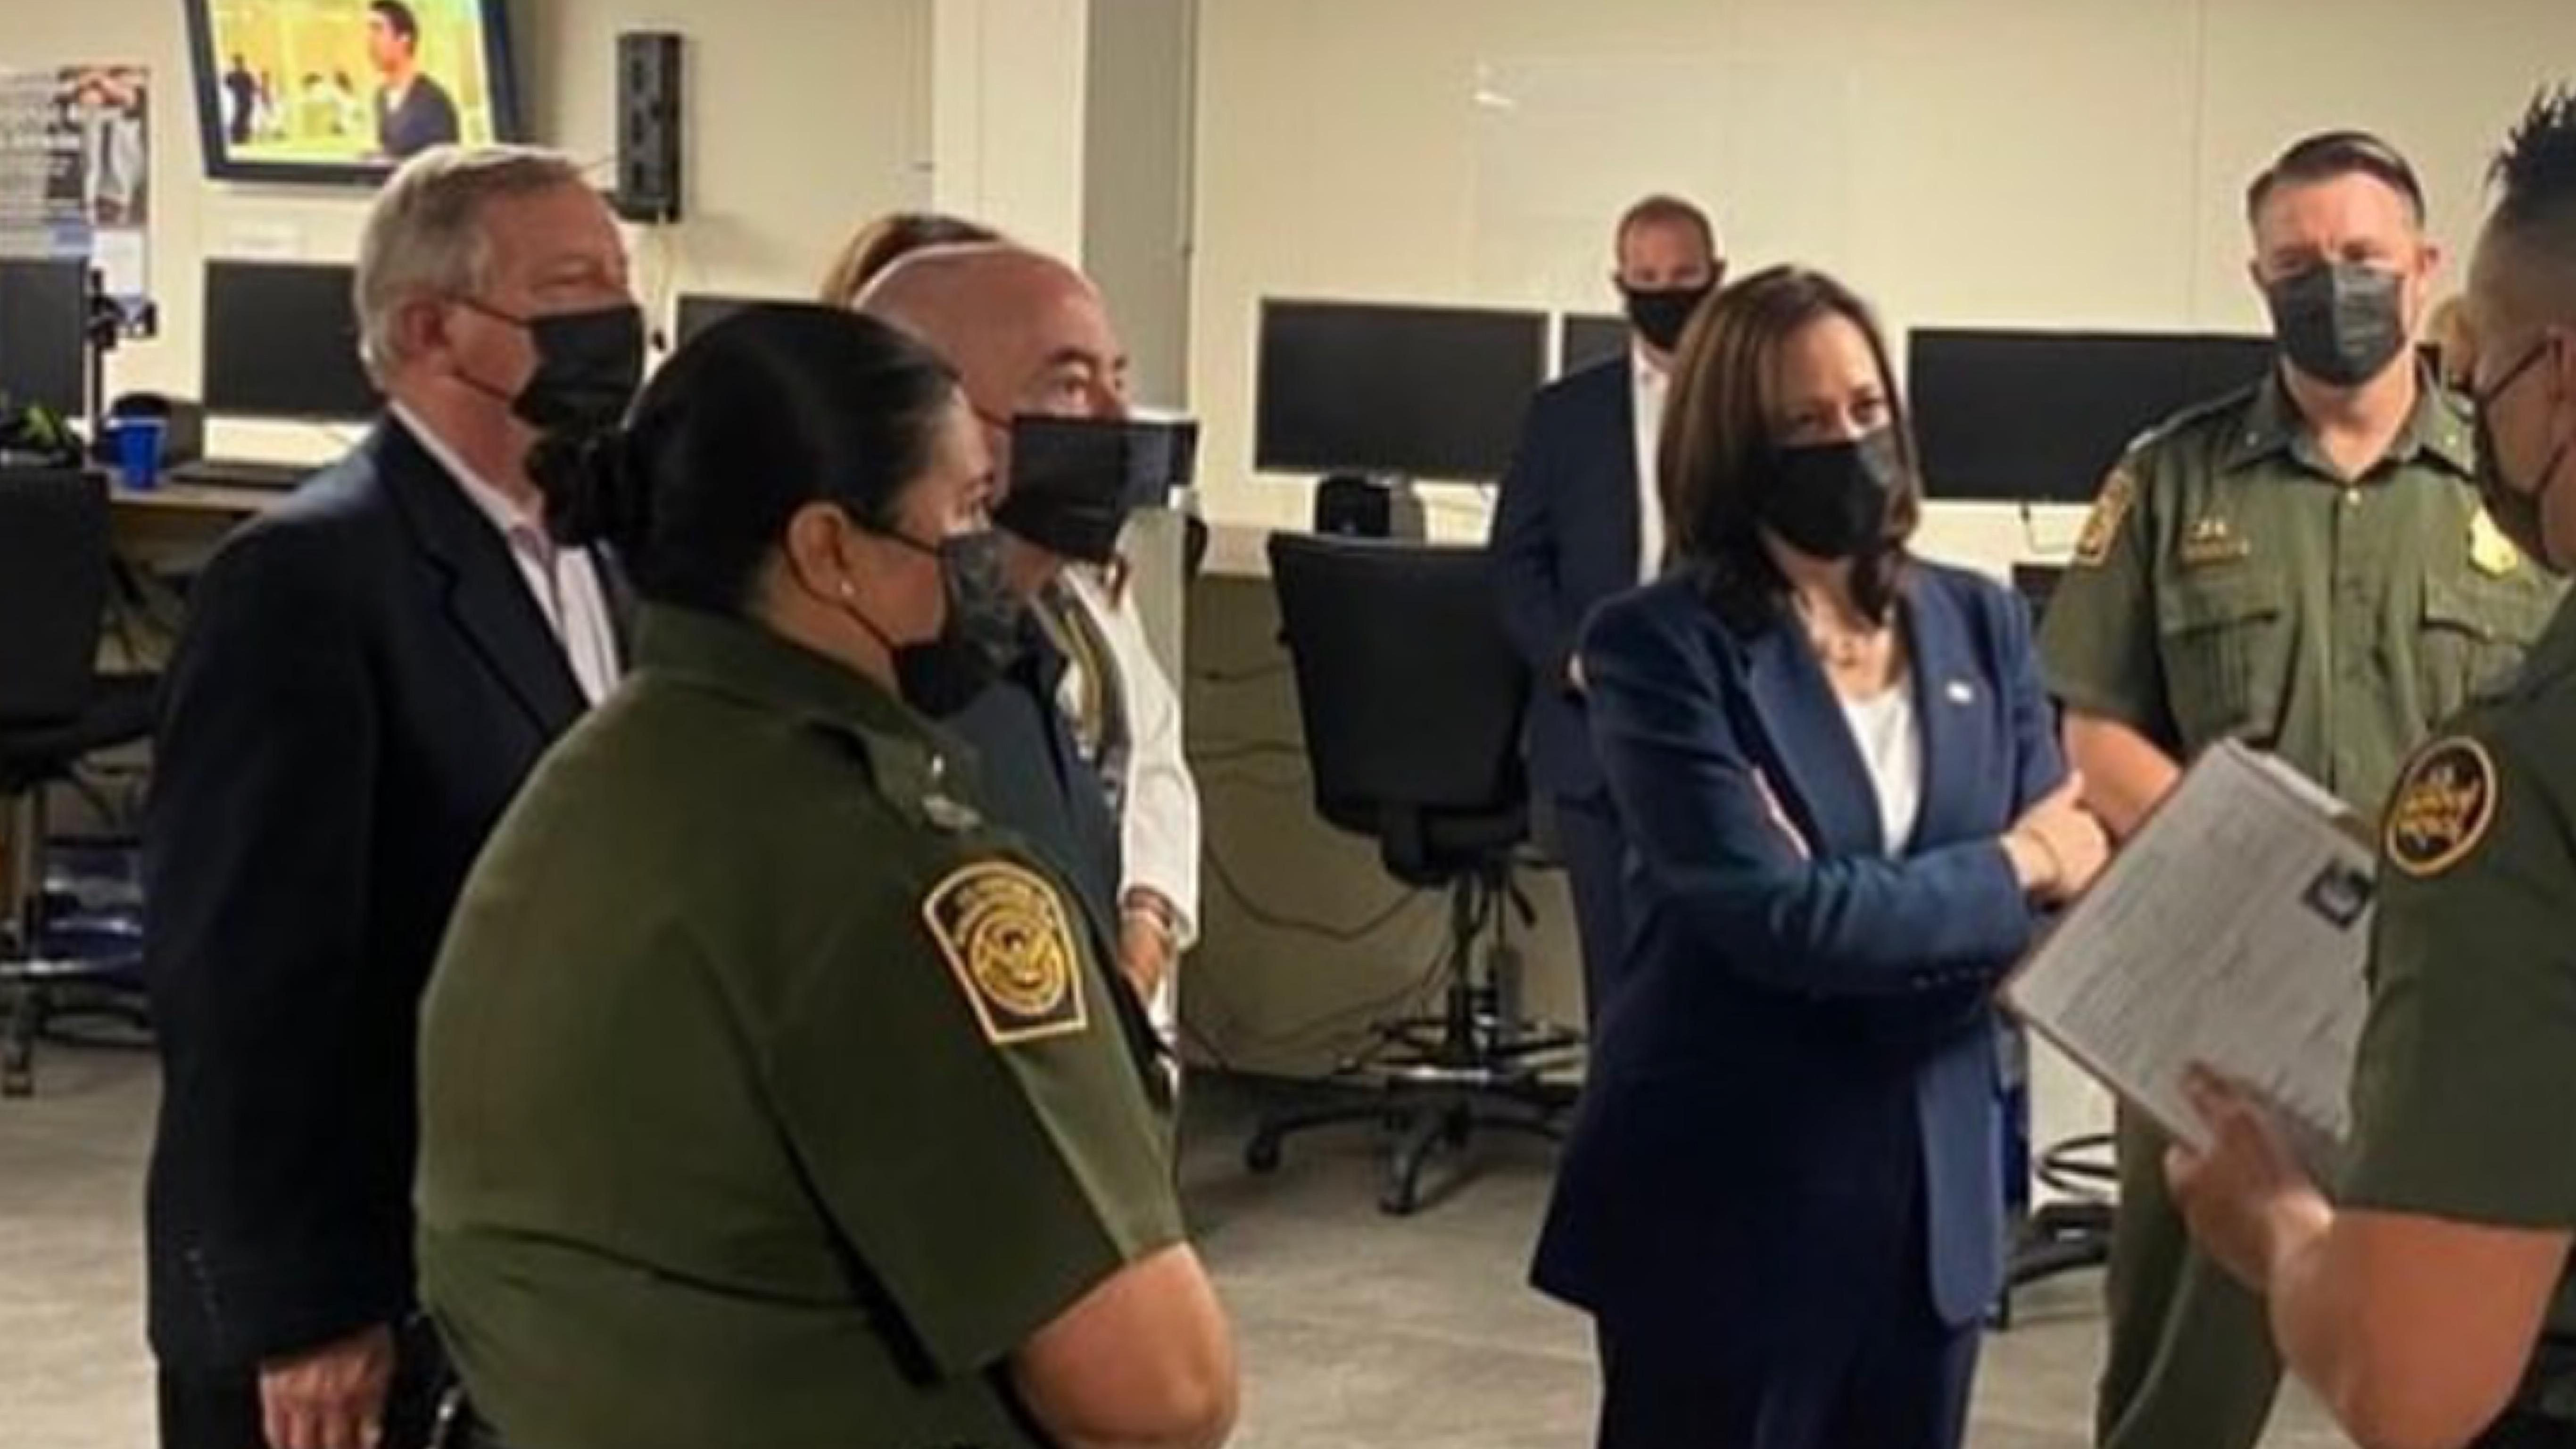 Kamala-Harris-vicepresidenta-de-Estados-Unidos-oficina-de-la-Patrulla-Fronteriza-El-Paso-Texas